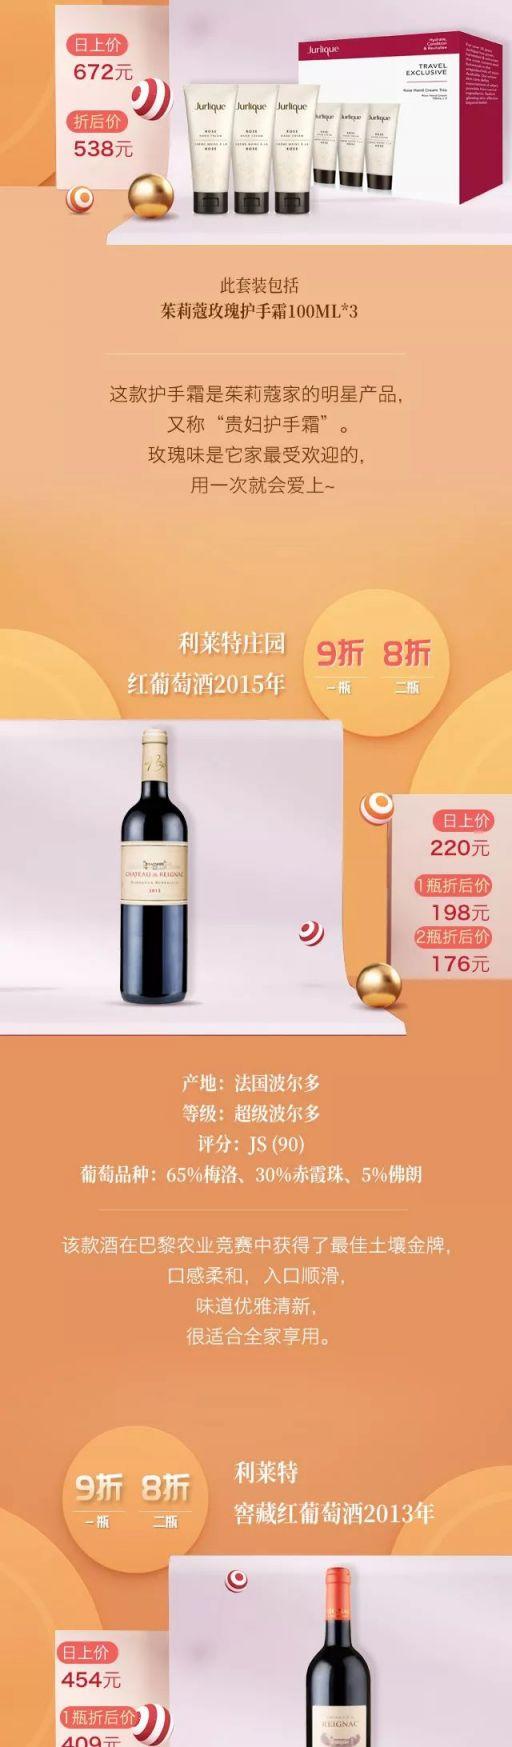 上海日上免稅行上海11月狂歡折扣匯總(附價格)